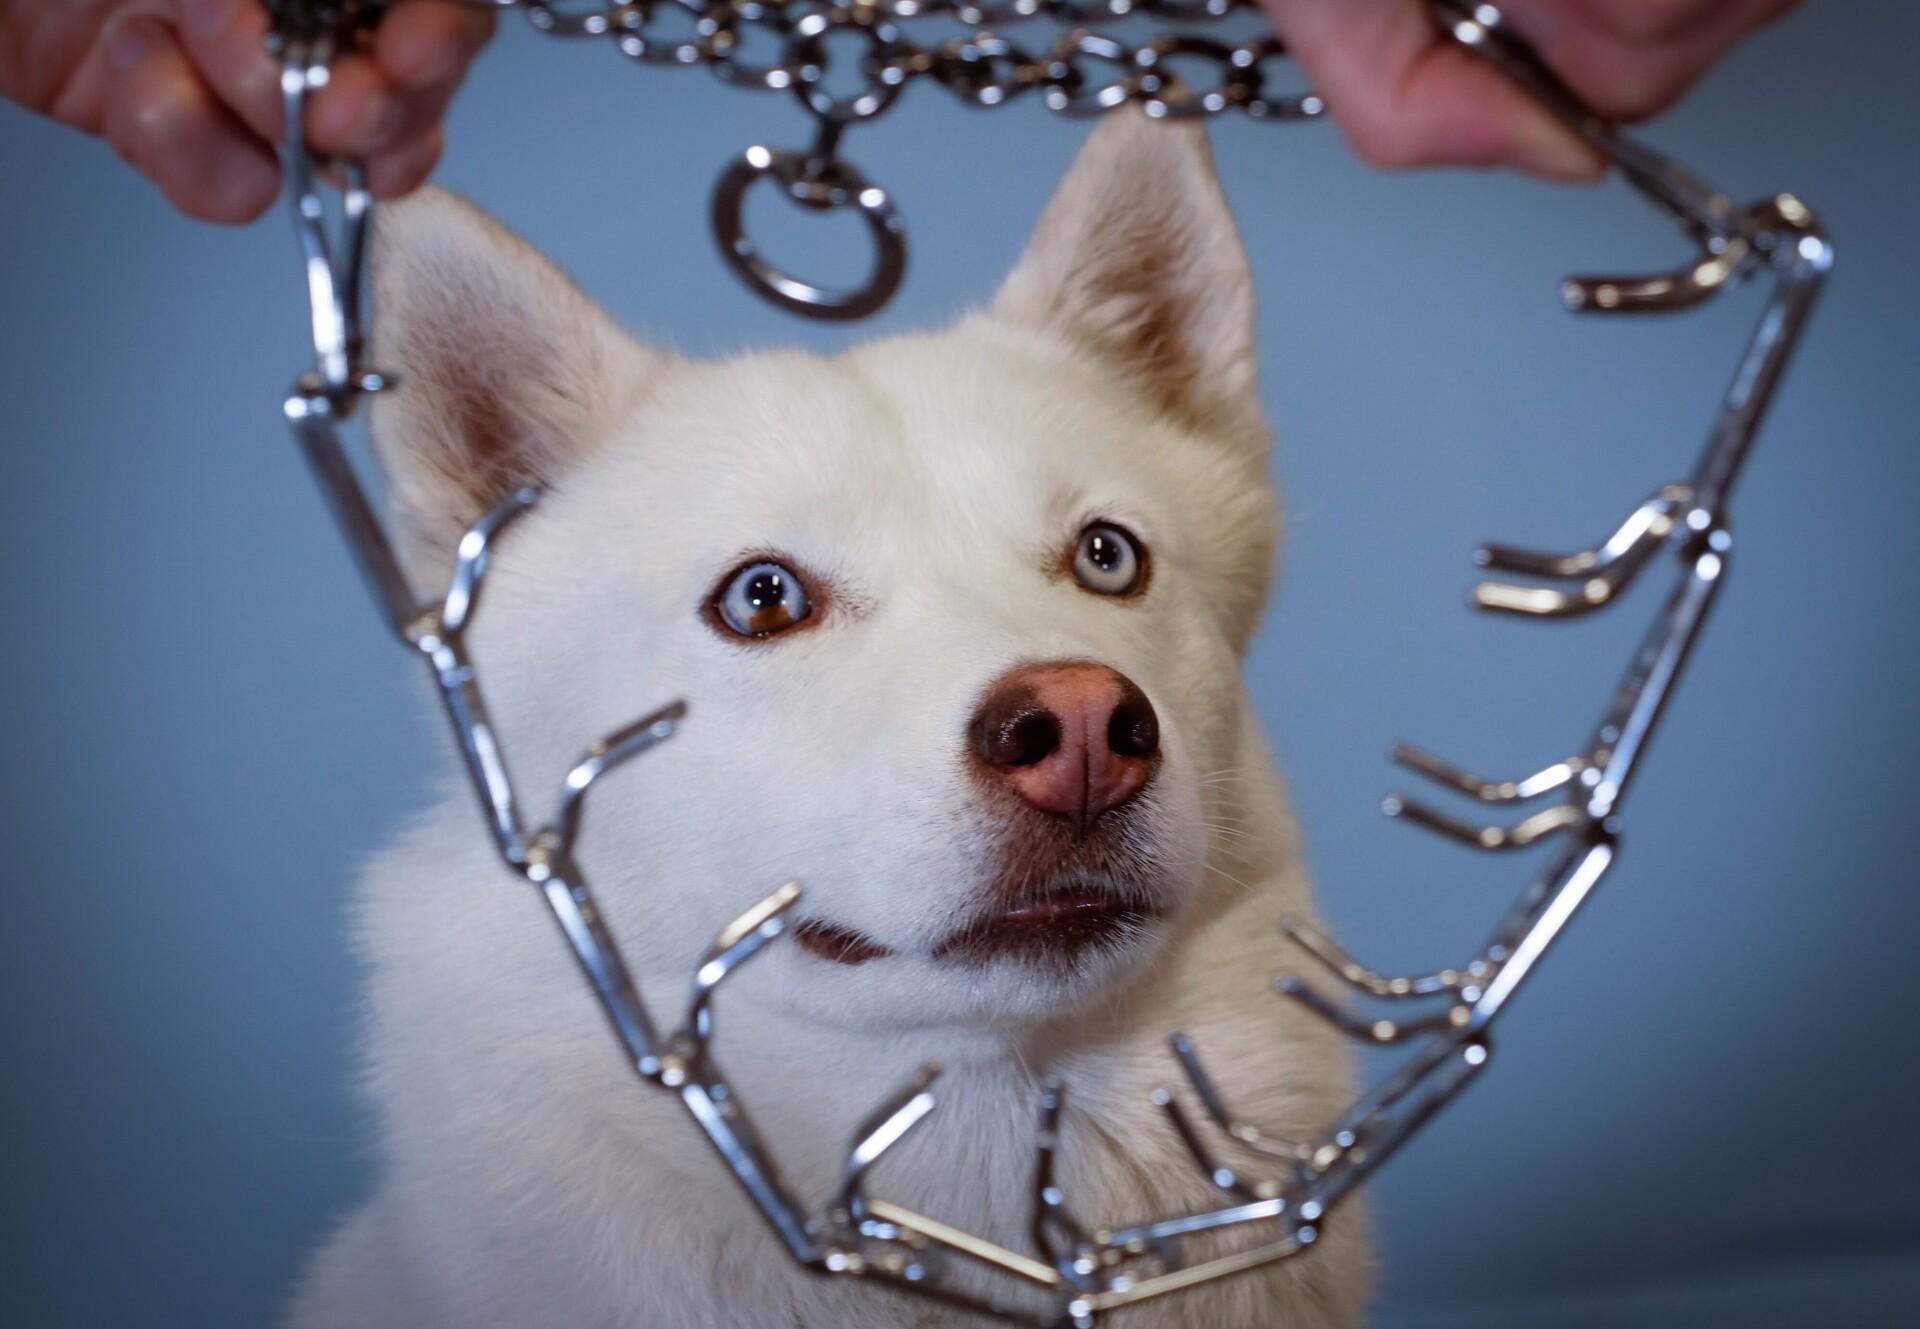 Stachelhalsbänder verursachen bei Hunden Schmerzen und Stress. (c) VIER PFOTEN